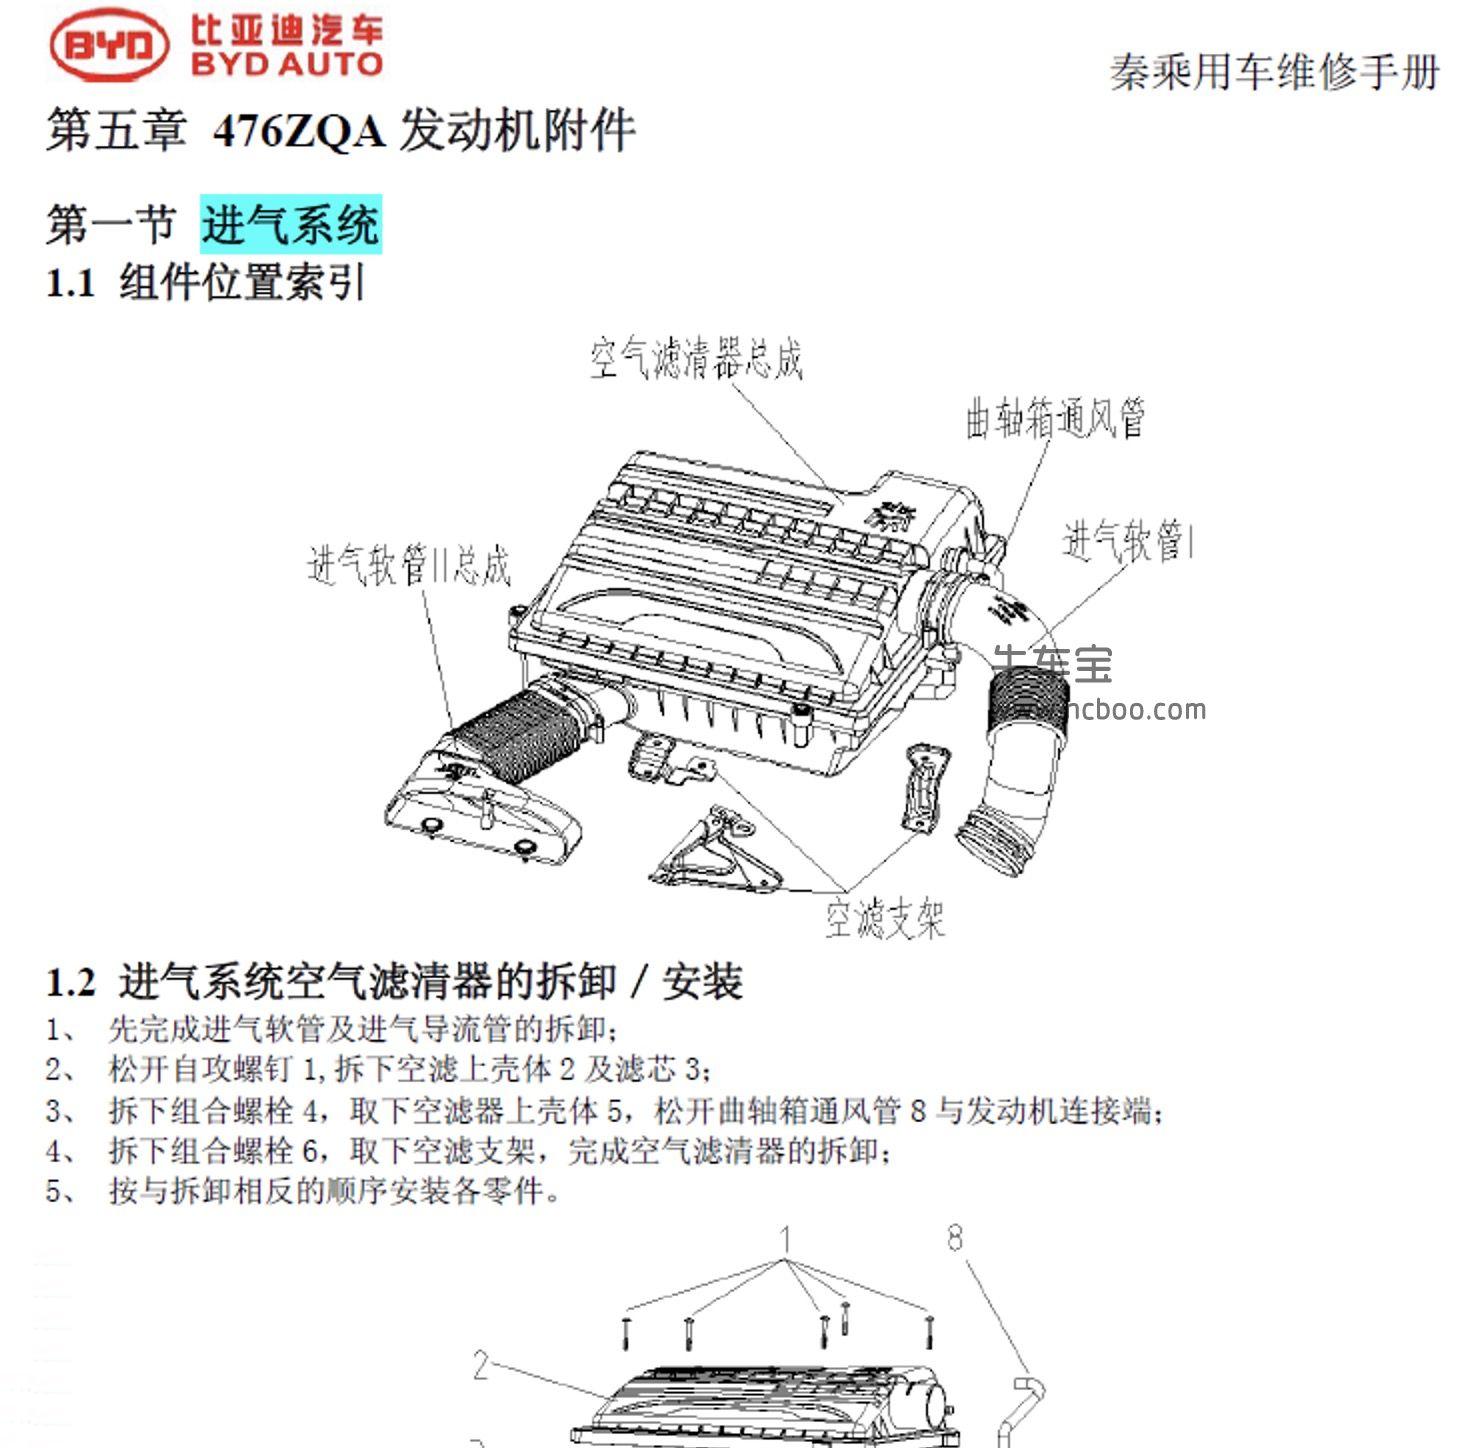 2017-2018款比亚迪秦(新能源)混动原厂维修手册资料下载